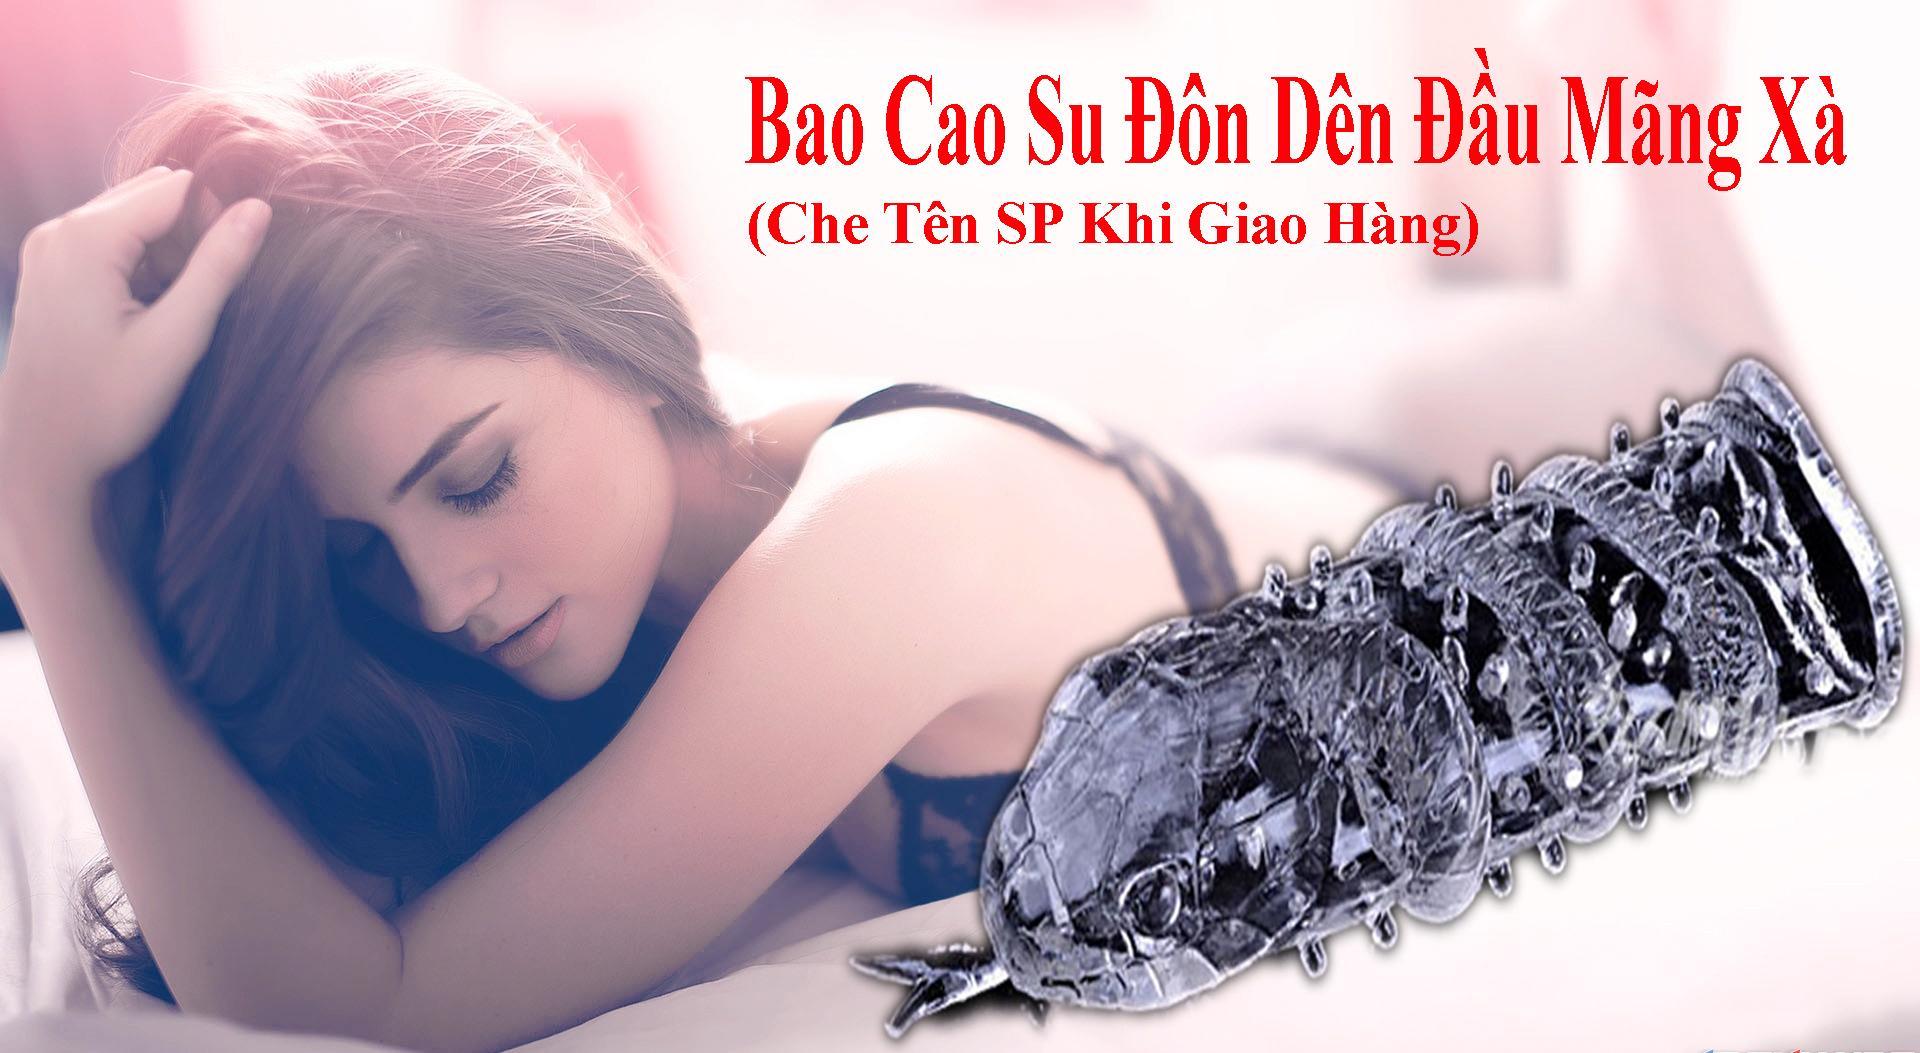 Bao Cao Su Đôn Dên Đầu Mãng Xà